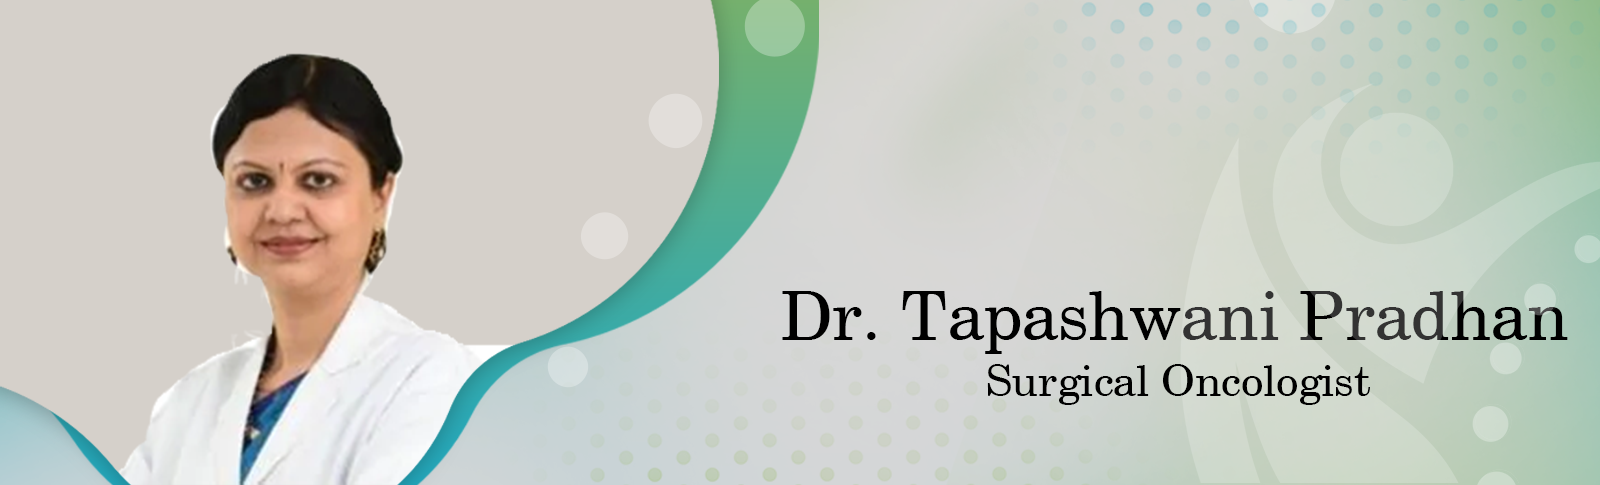 Dr. Tapashwani Pradhan